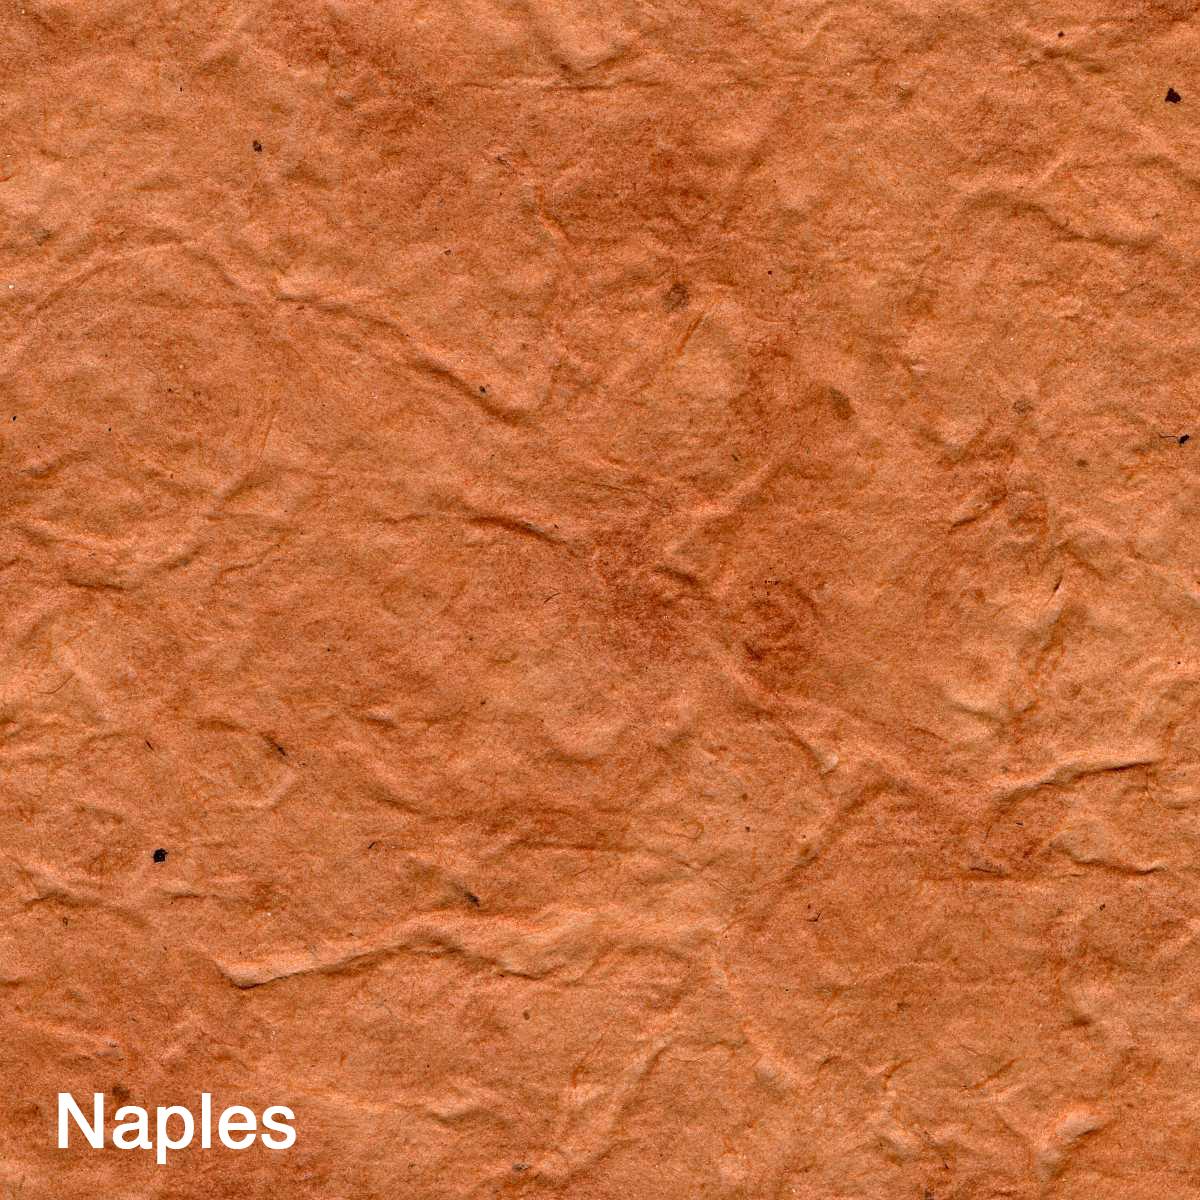 Naples007.jpg